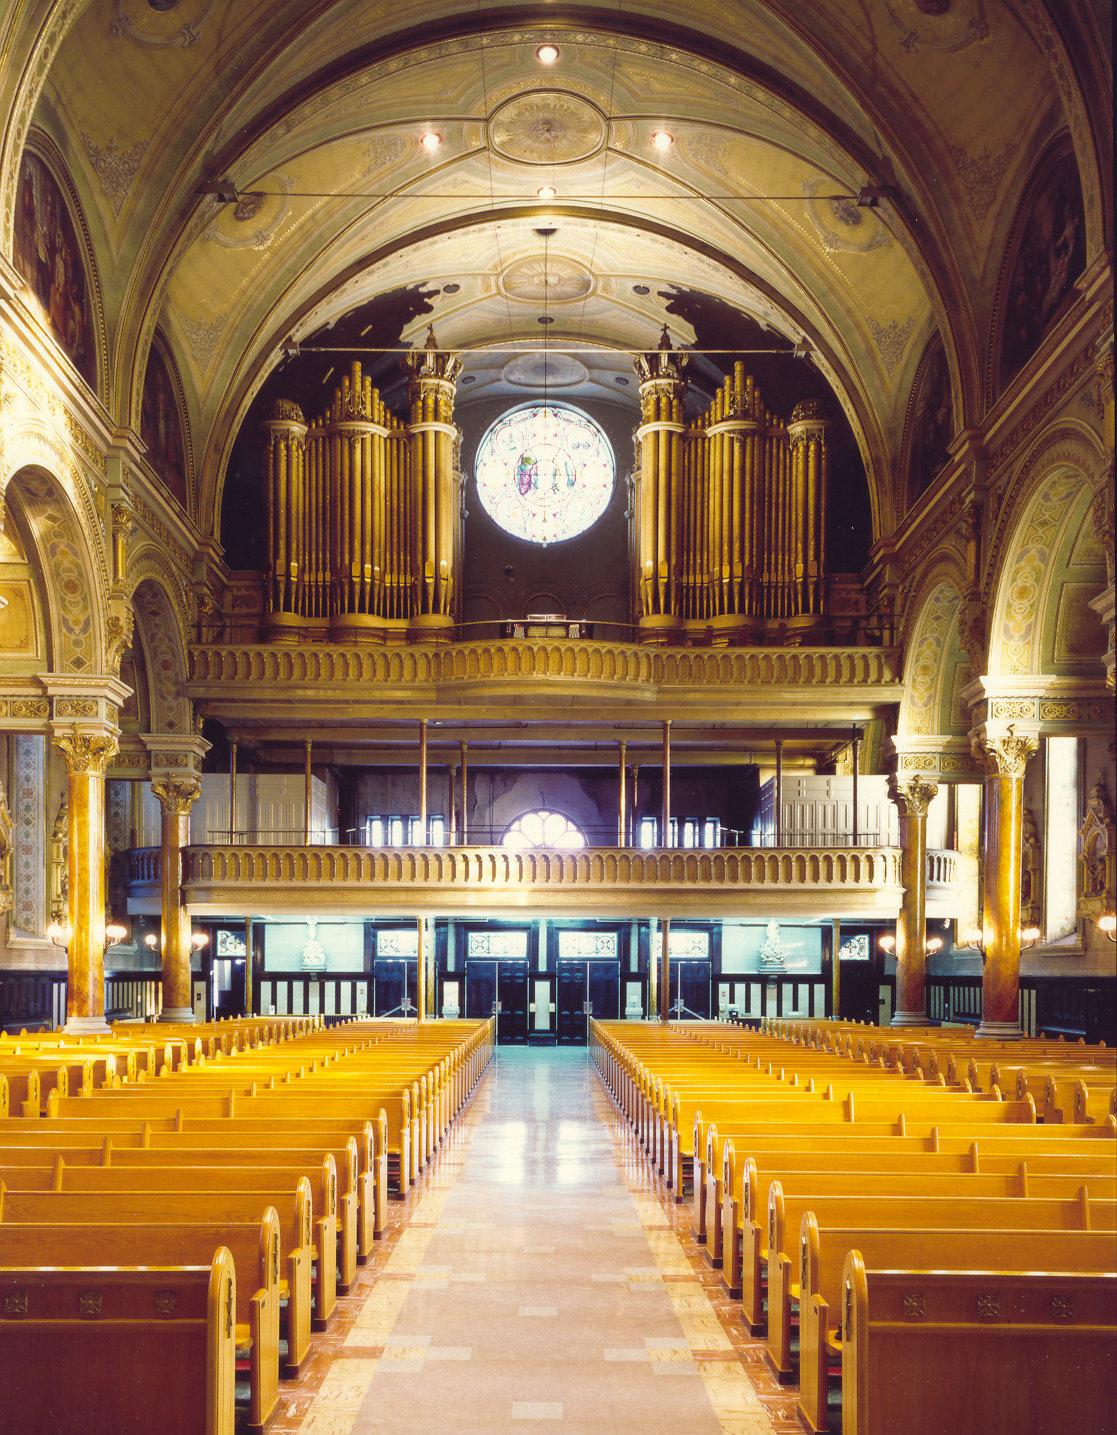 Gallery Organ, Casavant Opus 600, 1915, Church of Très-Saint-Nom-de-Jésus, Montréal, QC